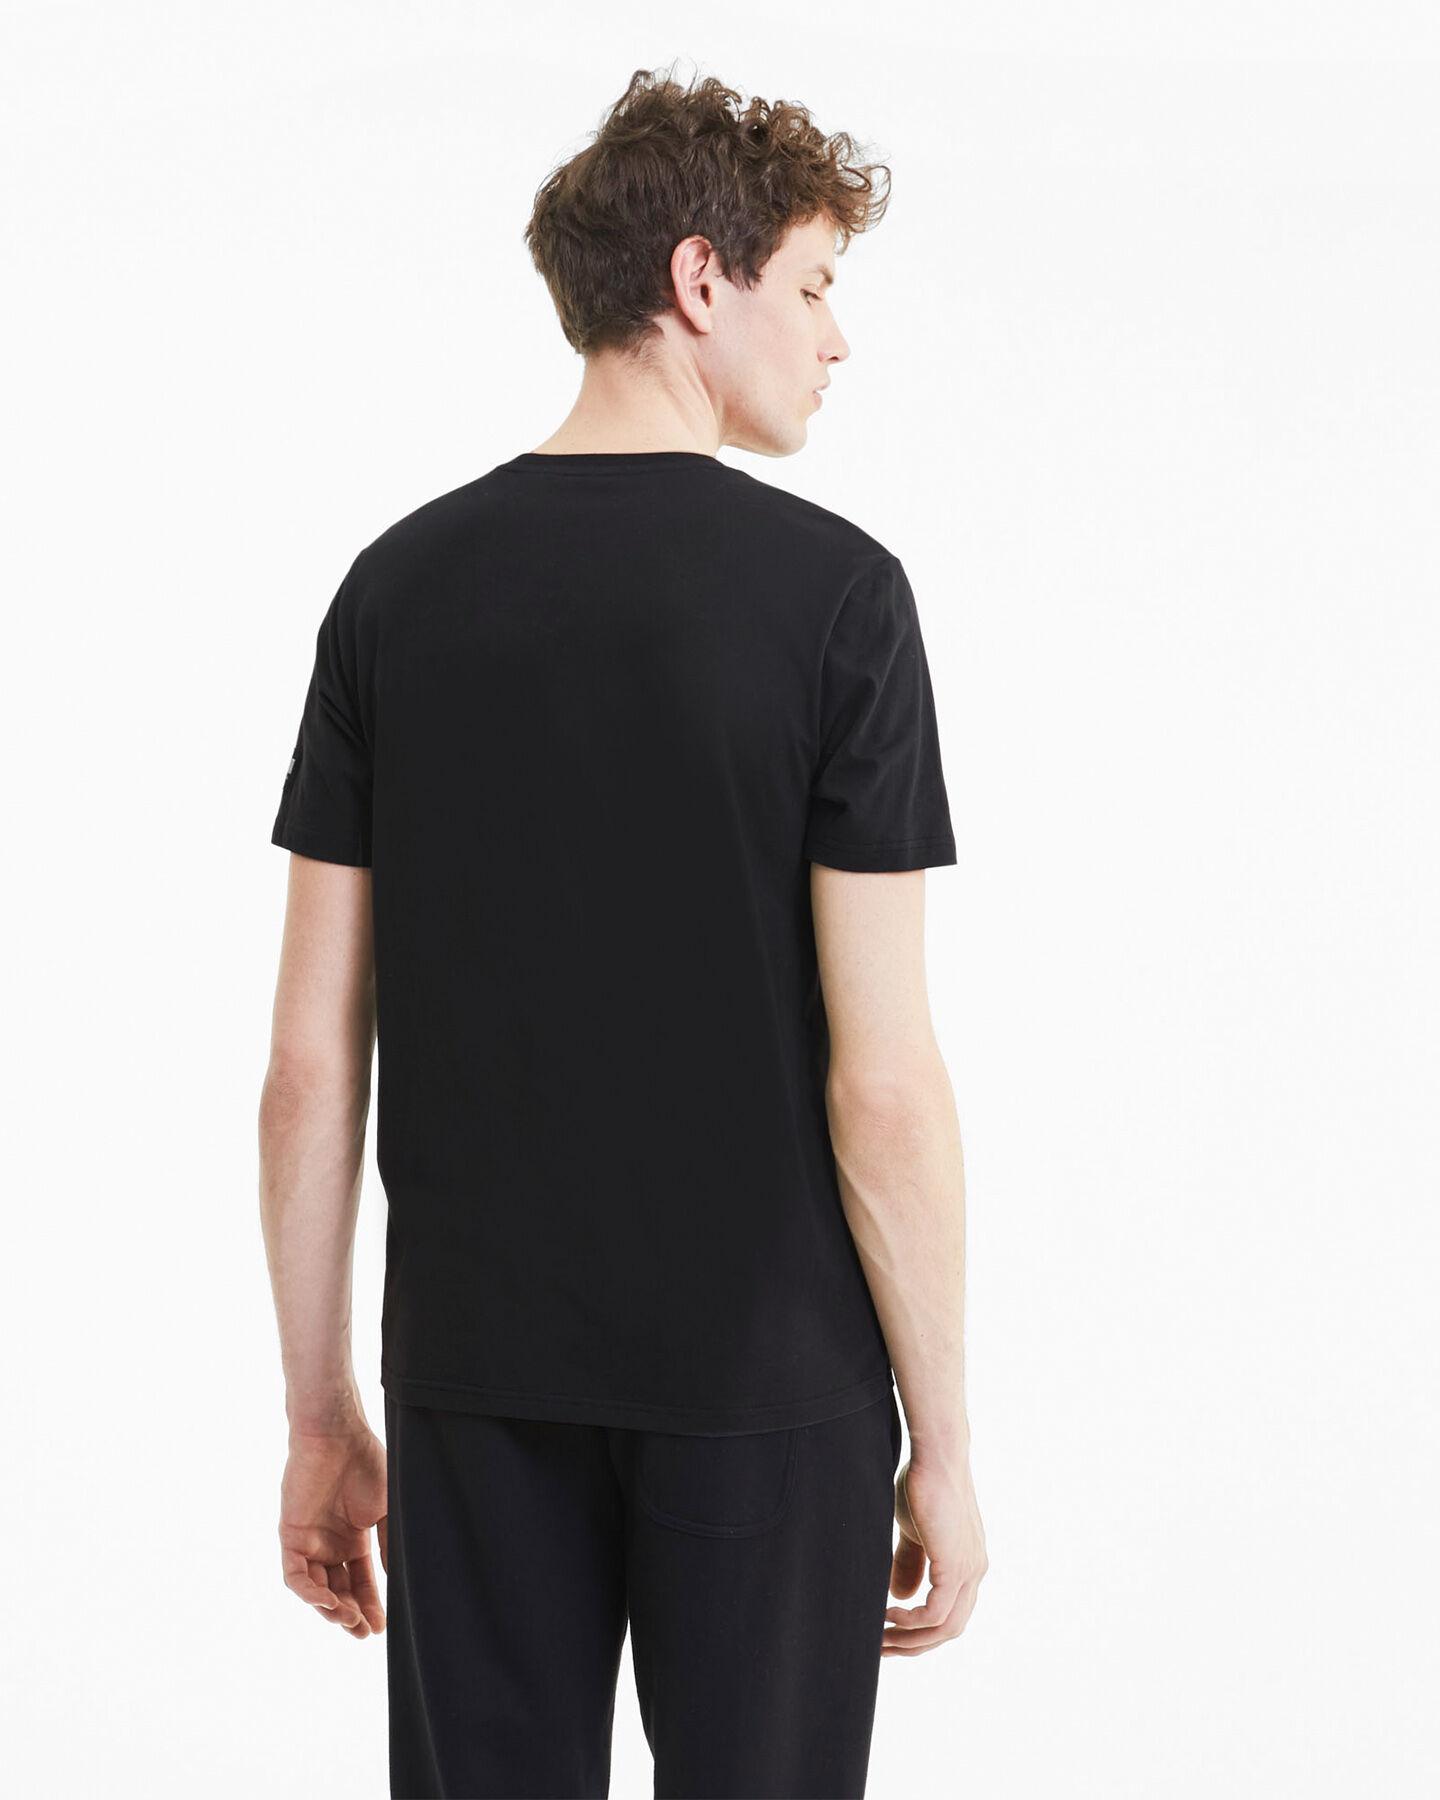 T-Shirt PUMA ATHTLETIC M S5235064 scatto 3